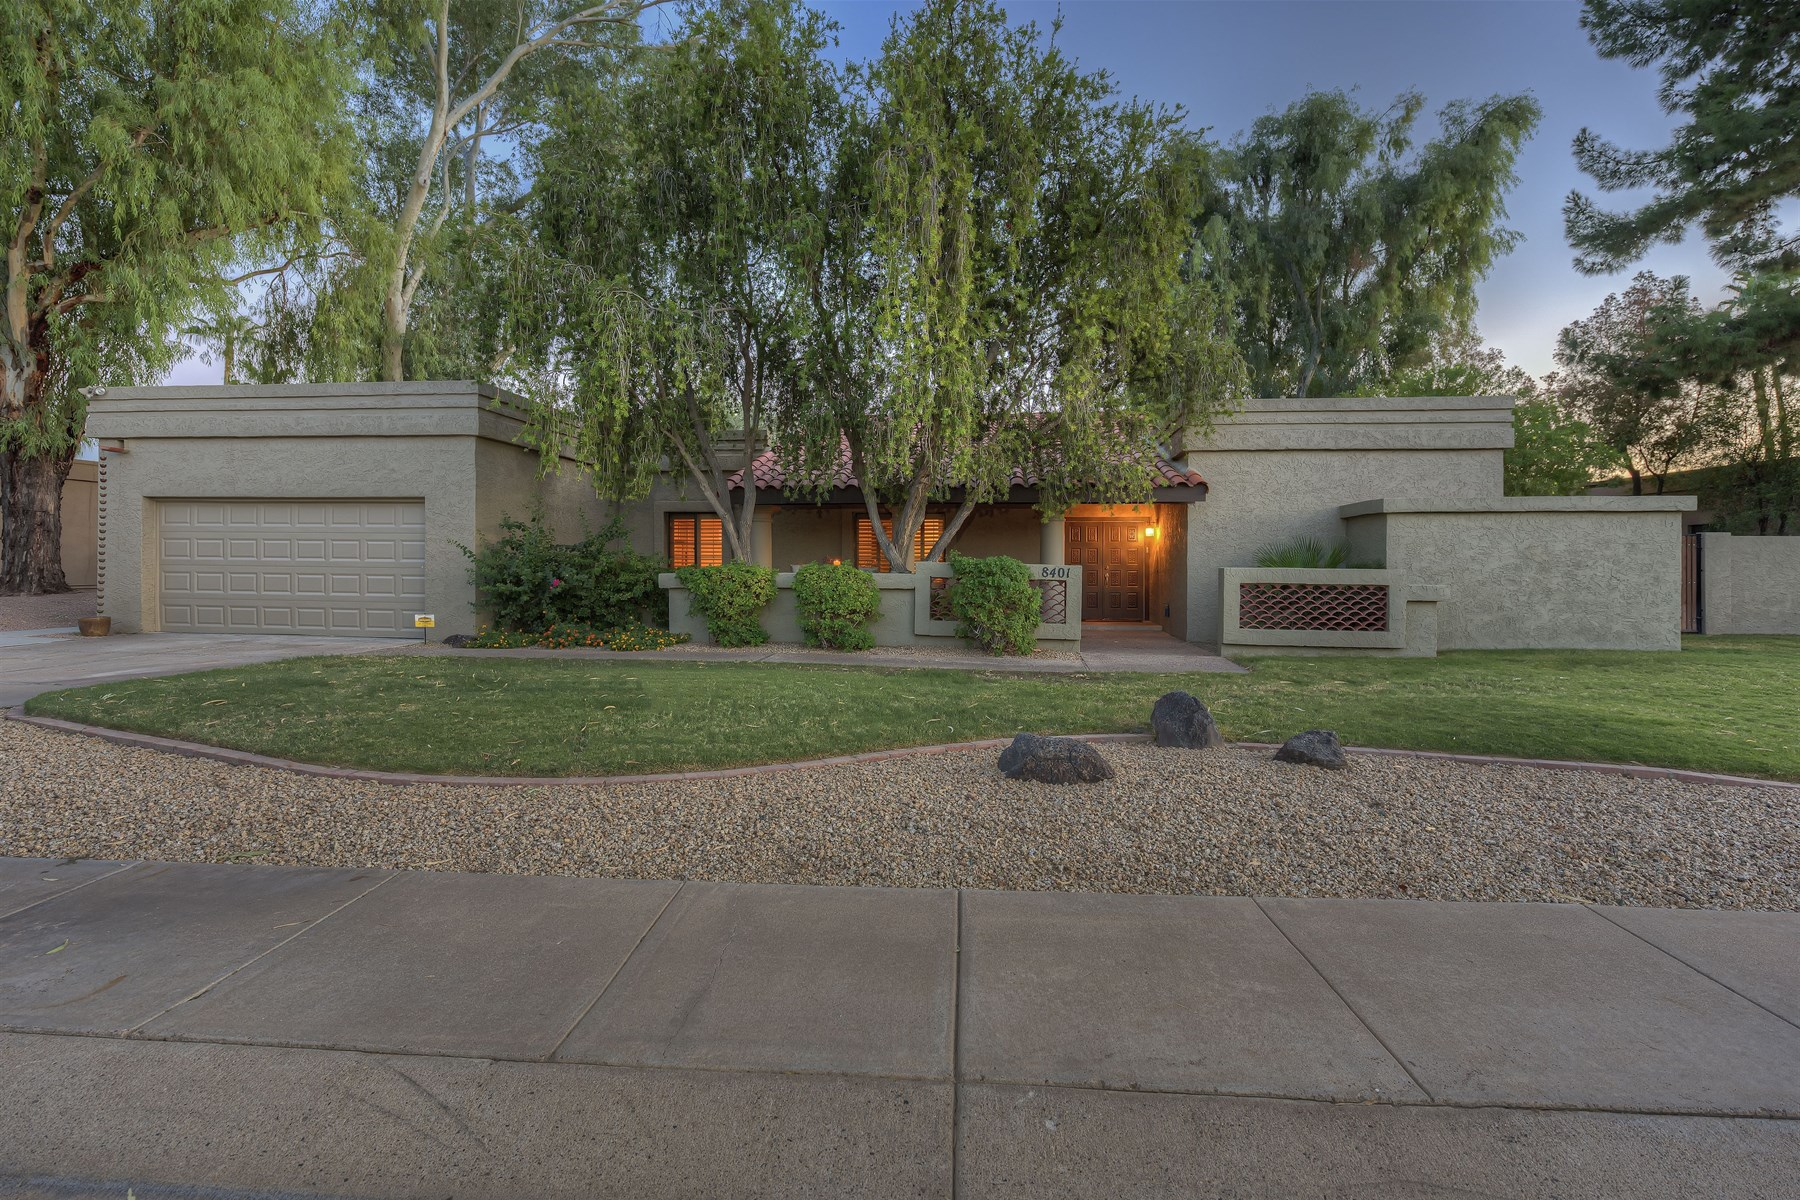 Частный односемейный дом для того Продажа на Charming Santa Fe home in McCormick Ranch 8401 E QUARTERHORSE TRL Scottsdale, Аризона 85258 Соединенные Штаты